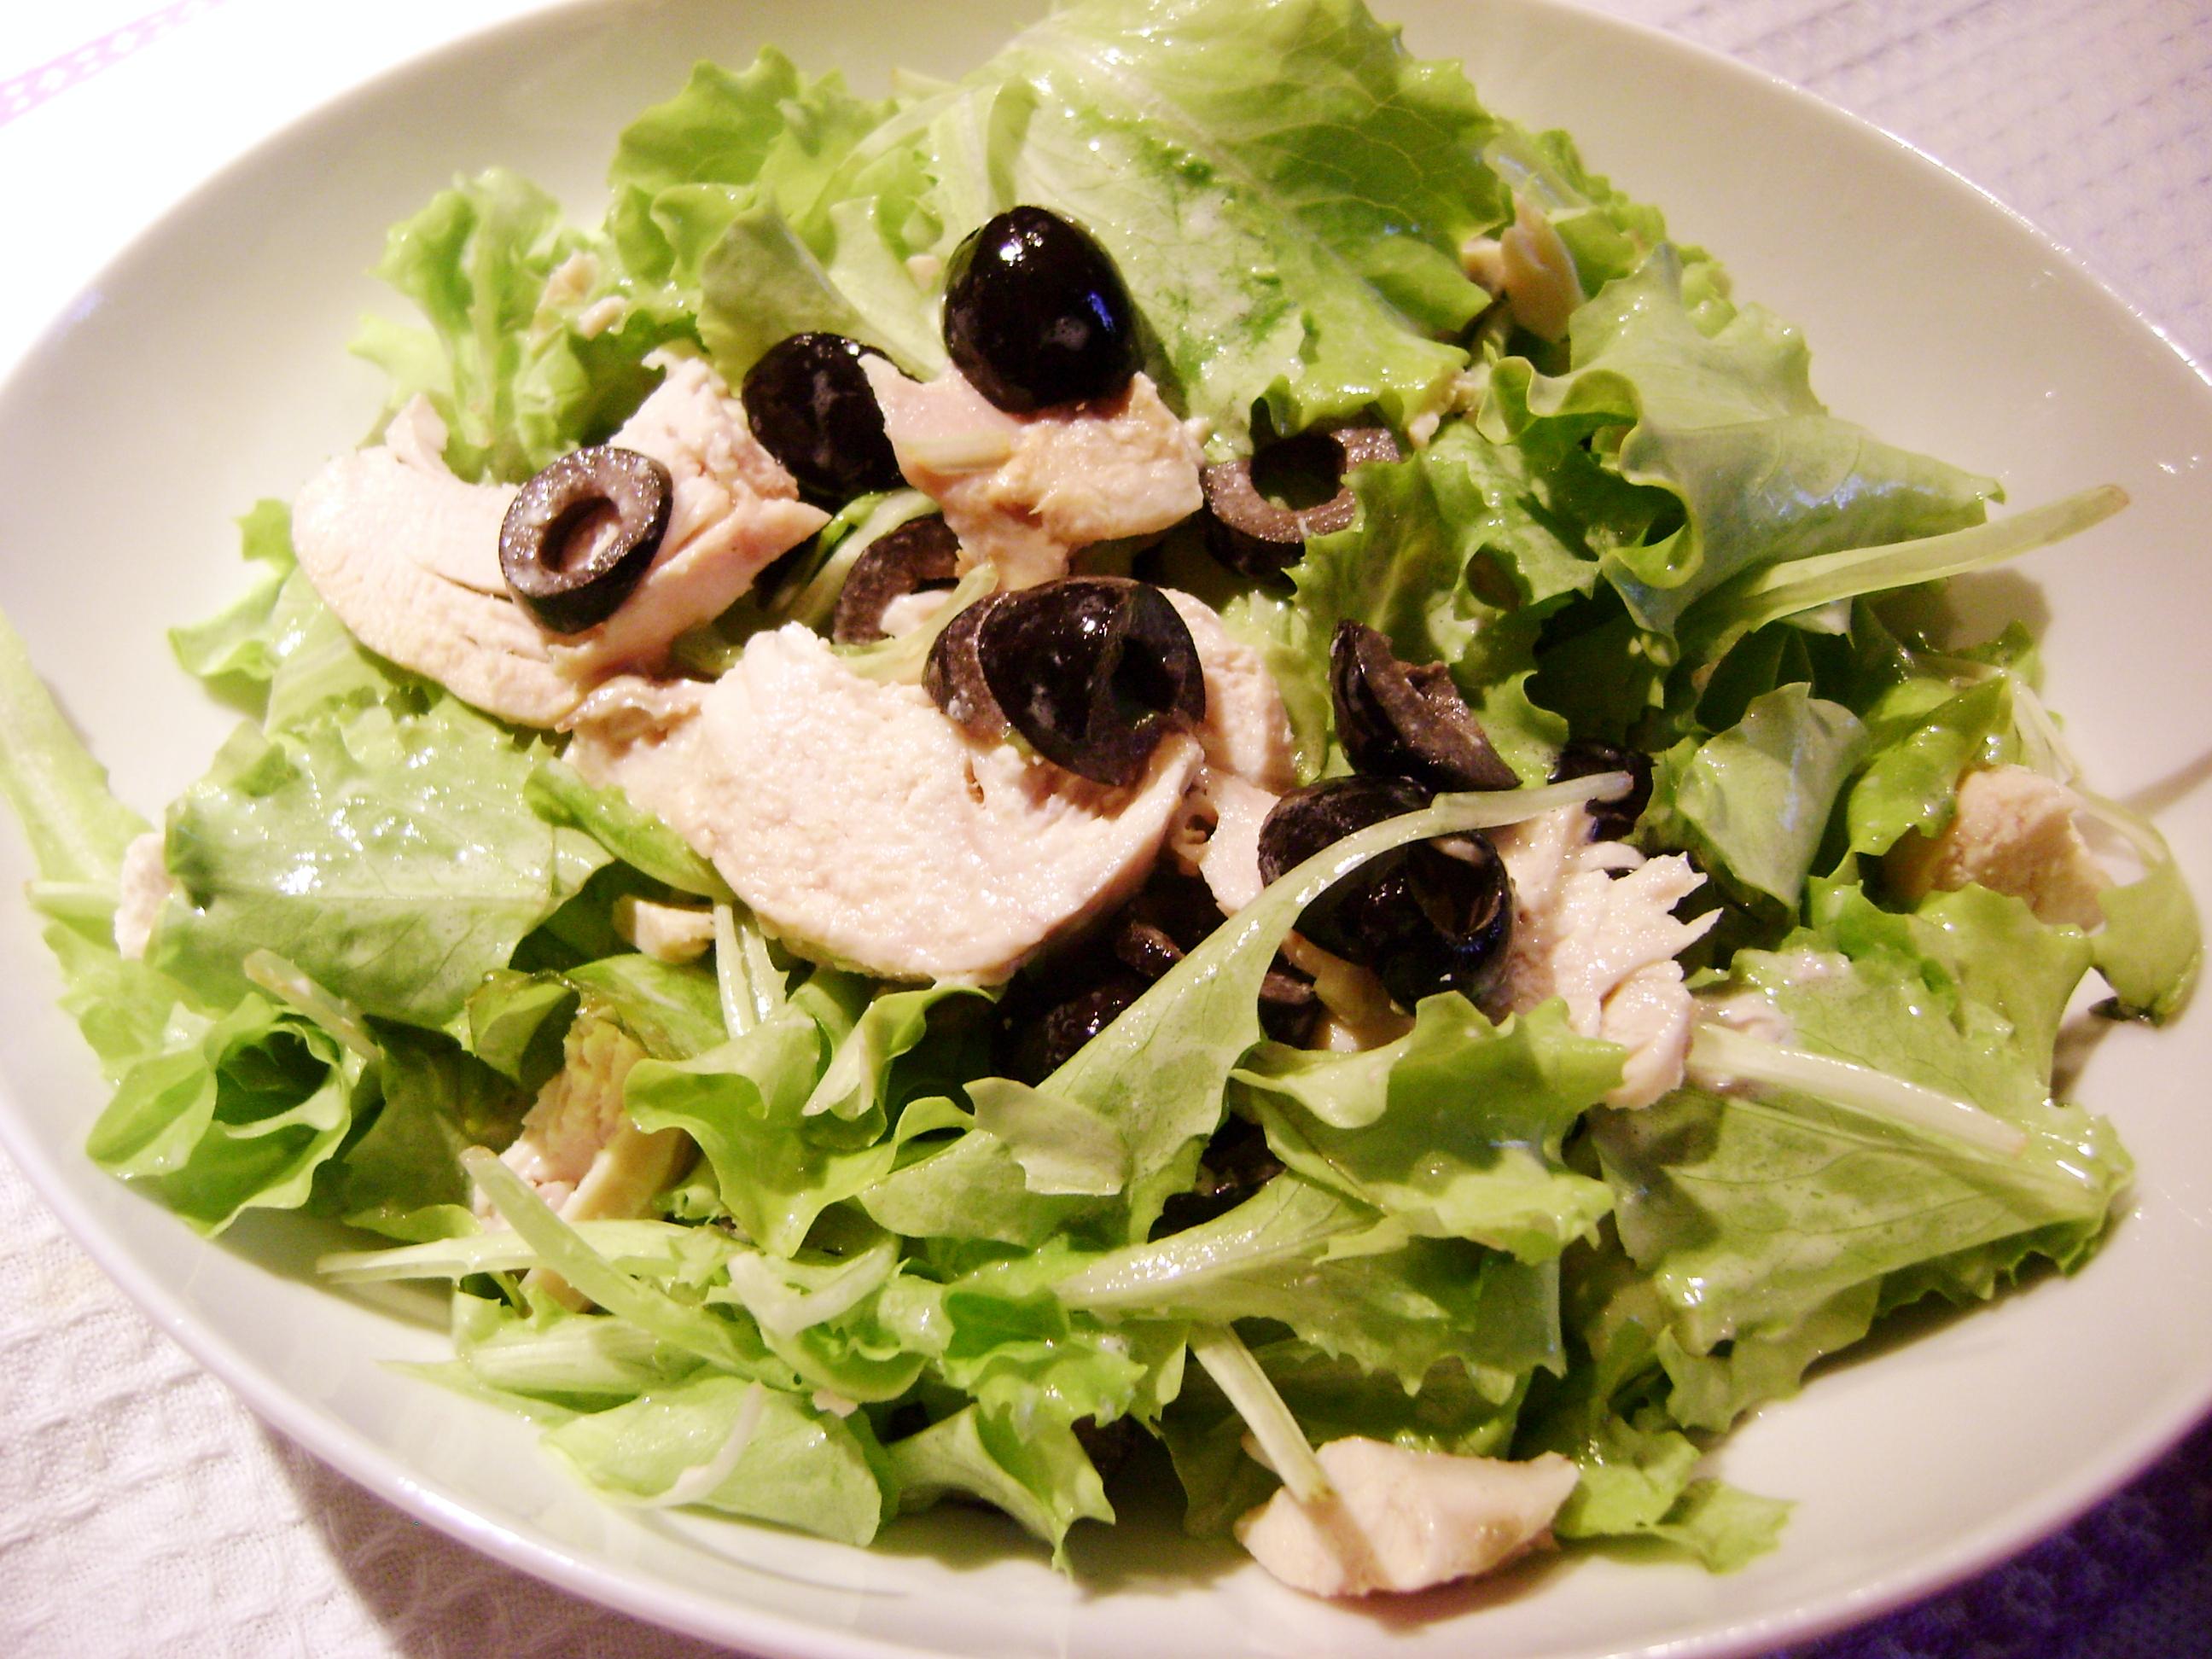 #pranzoinufficio insalata di pollo